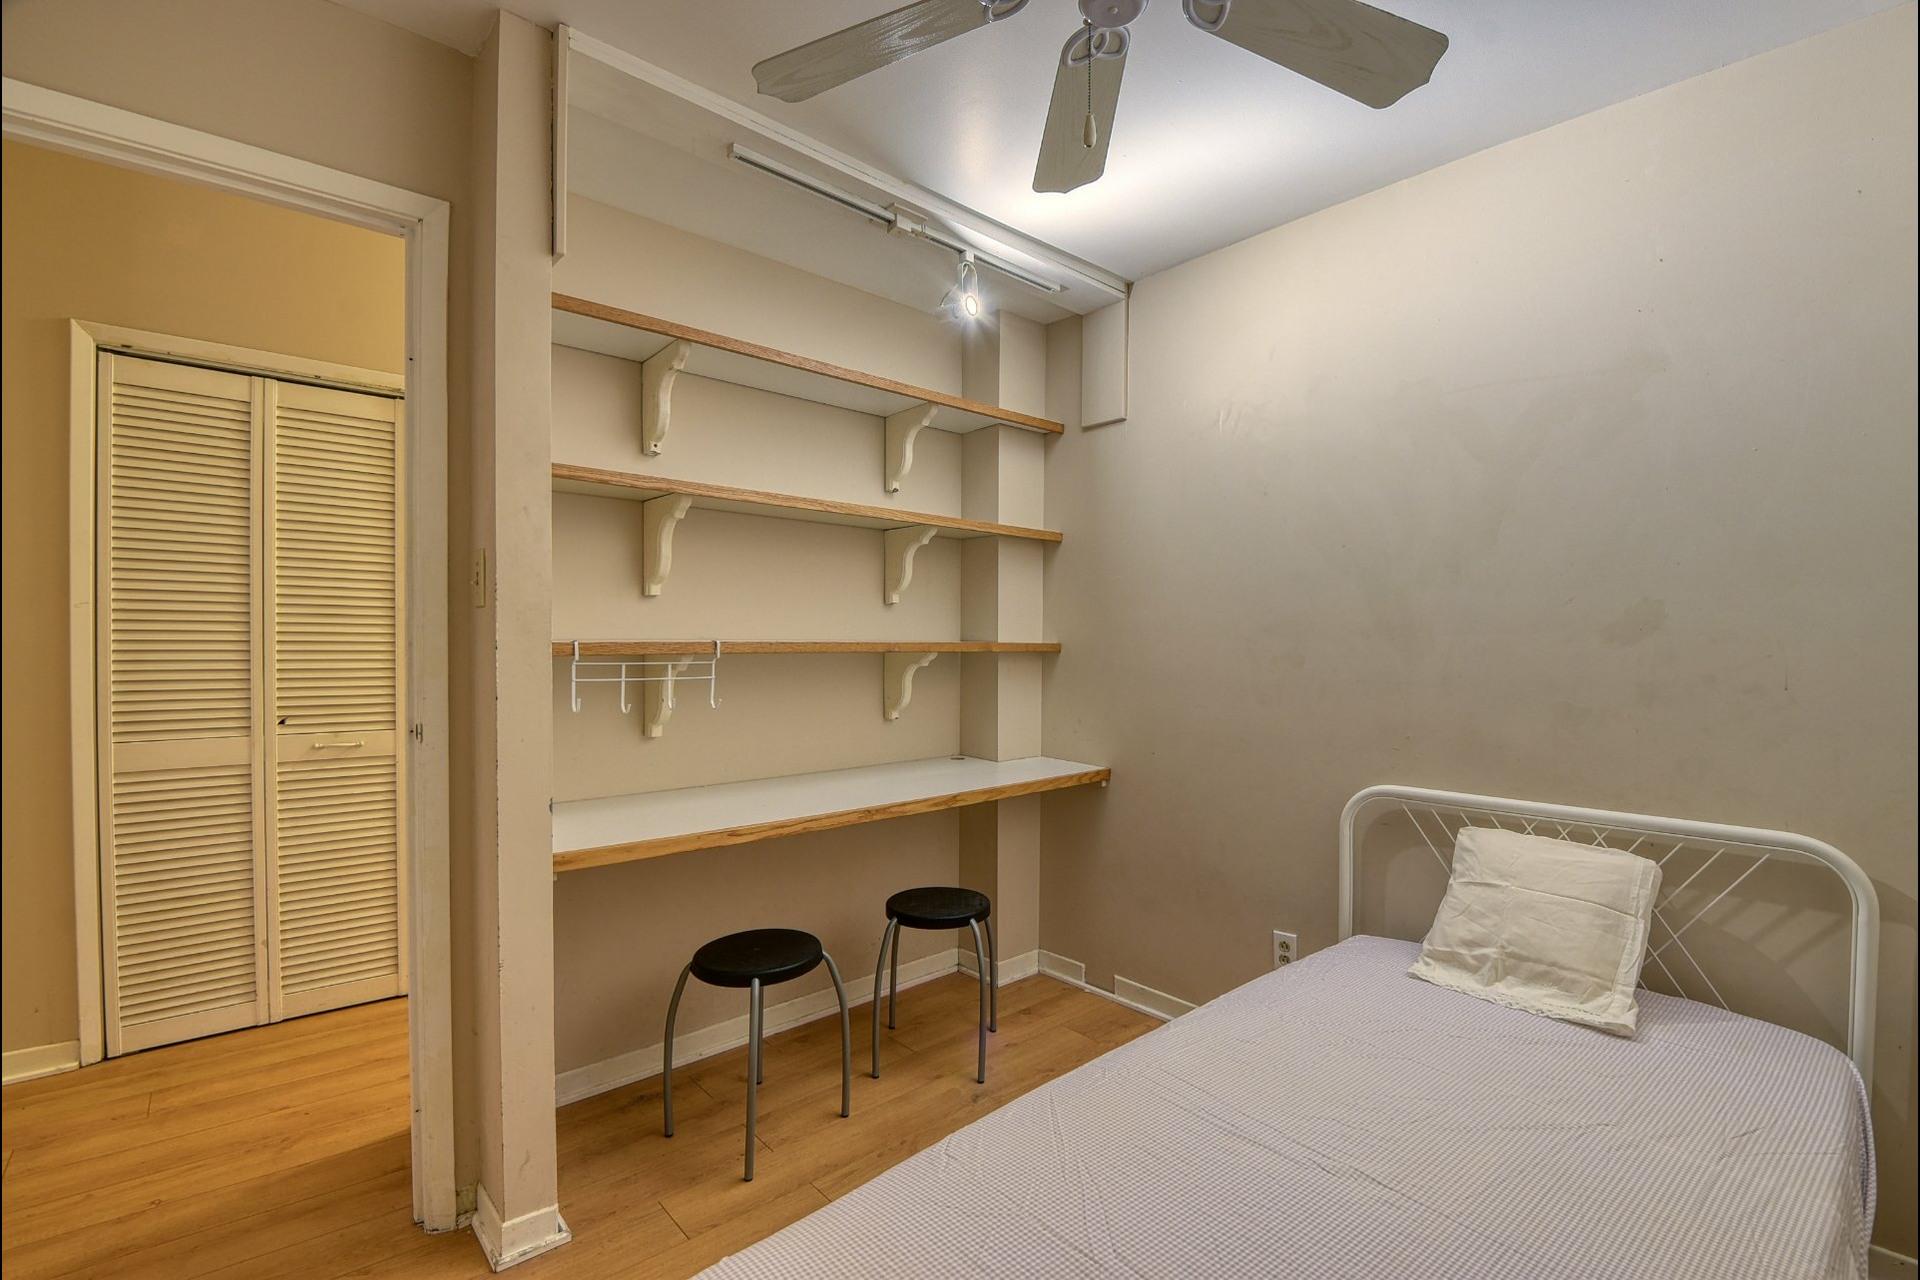 image 15 - Appartement À vendre Le Plateau-Mont-Royal Montréal  - 5 pièces